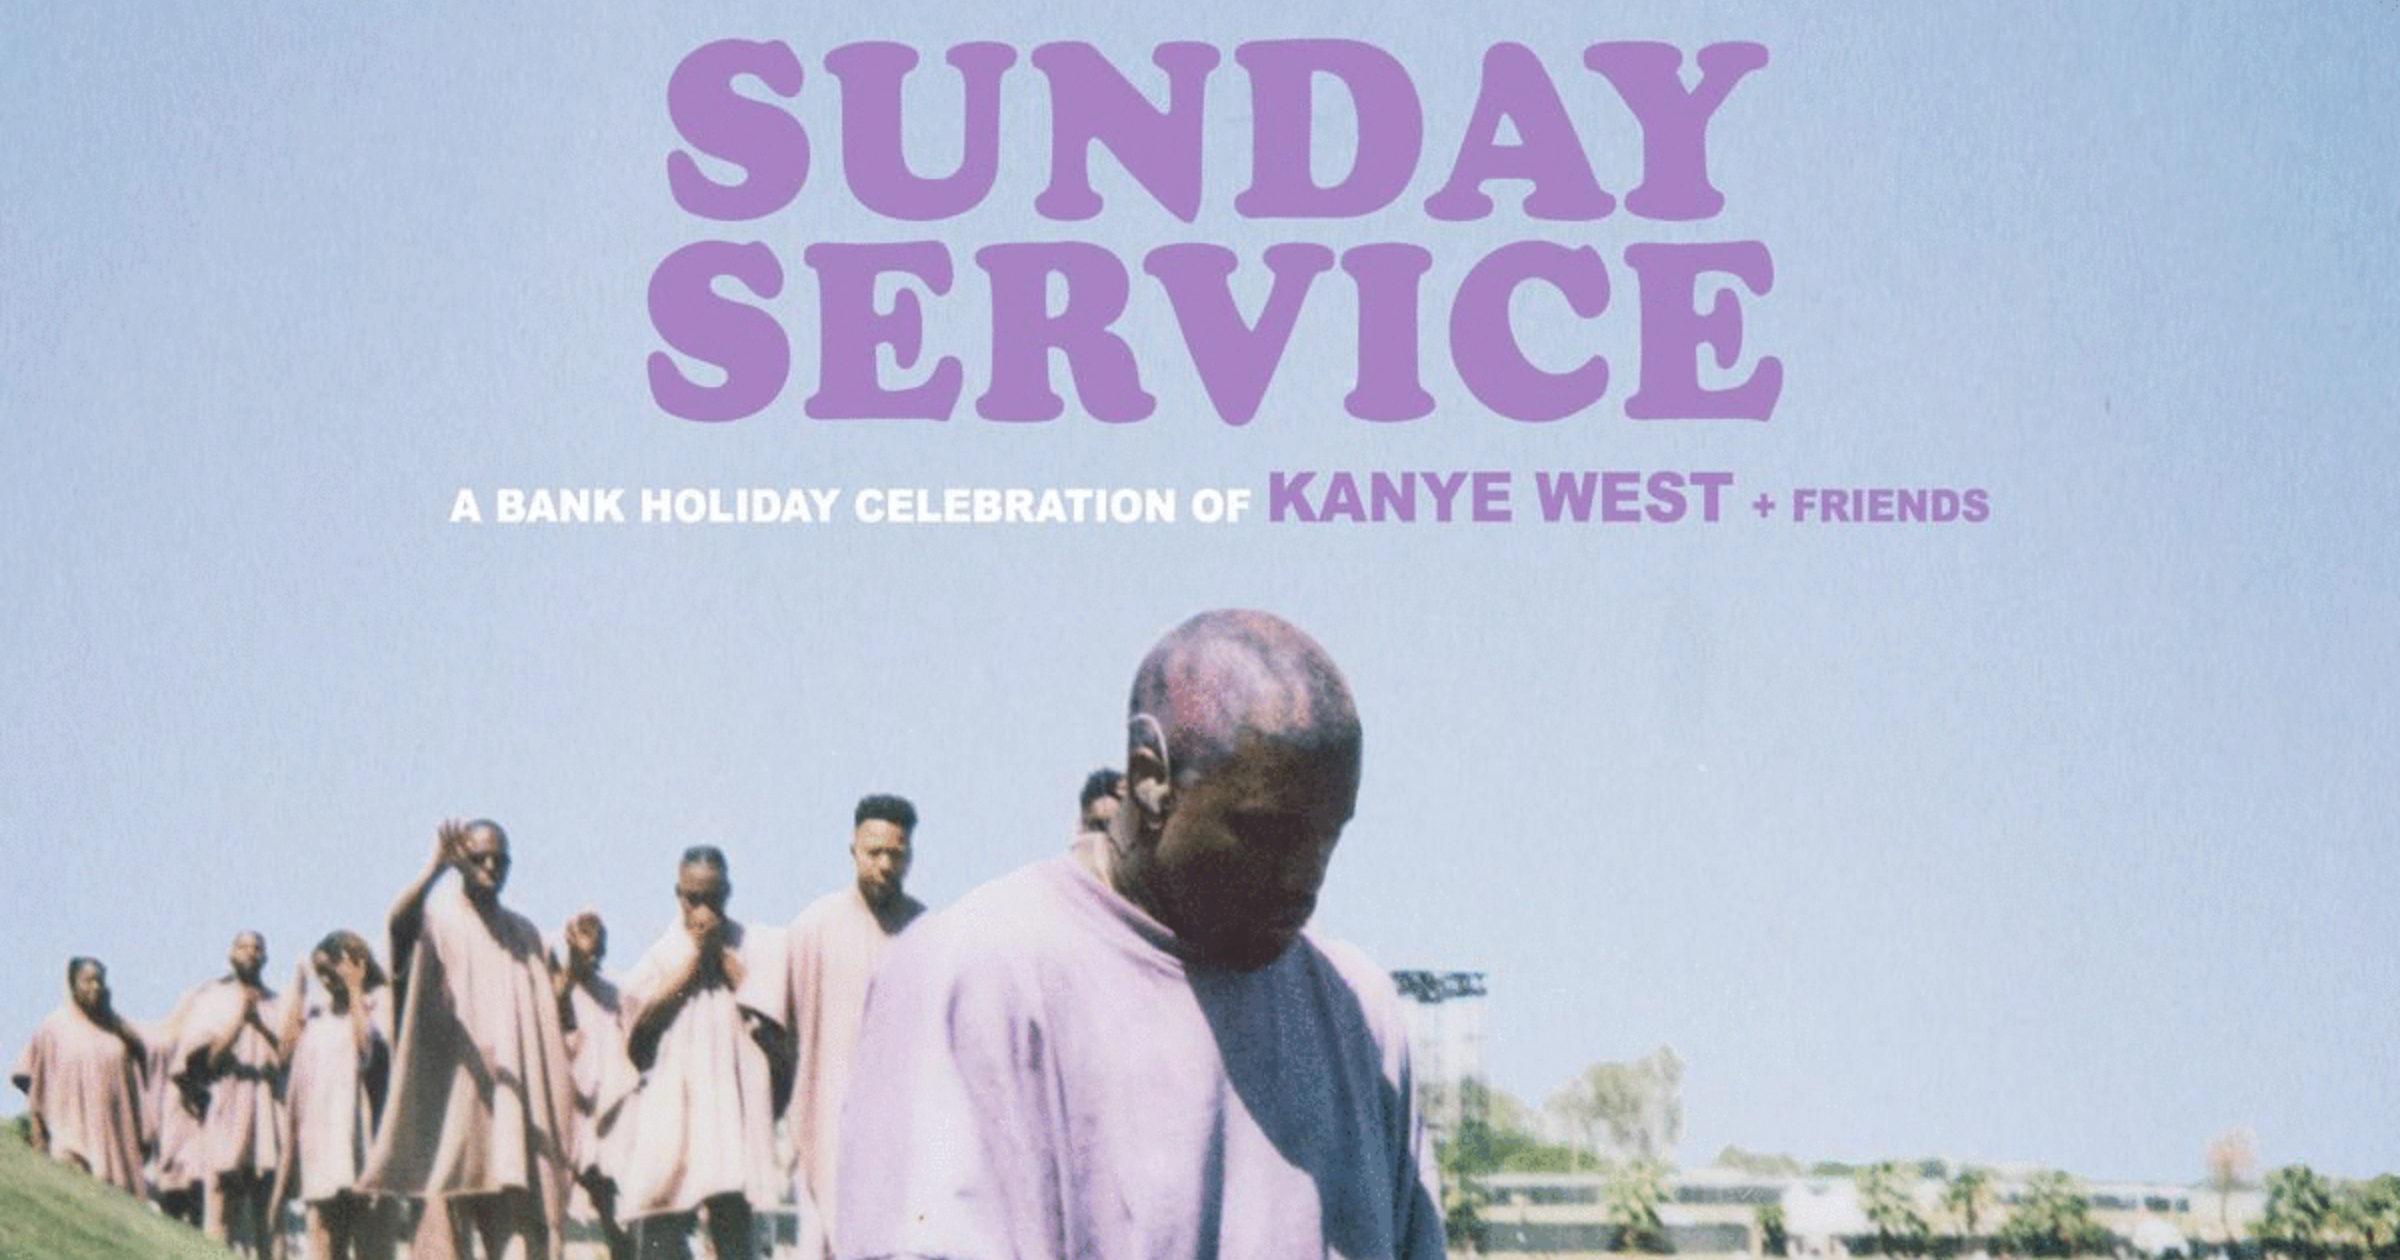 kanye a déposé le nom de son Sunday Service afin d'en faire une nouvelle marque de vêtements